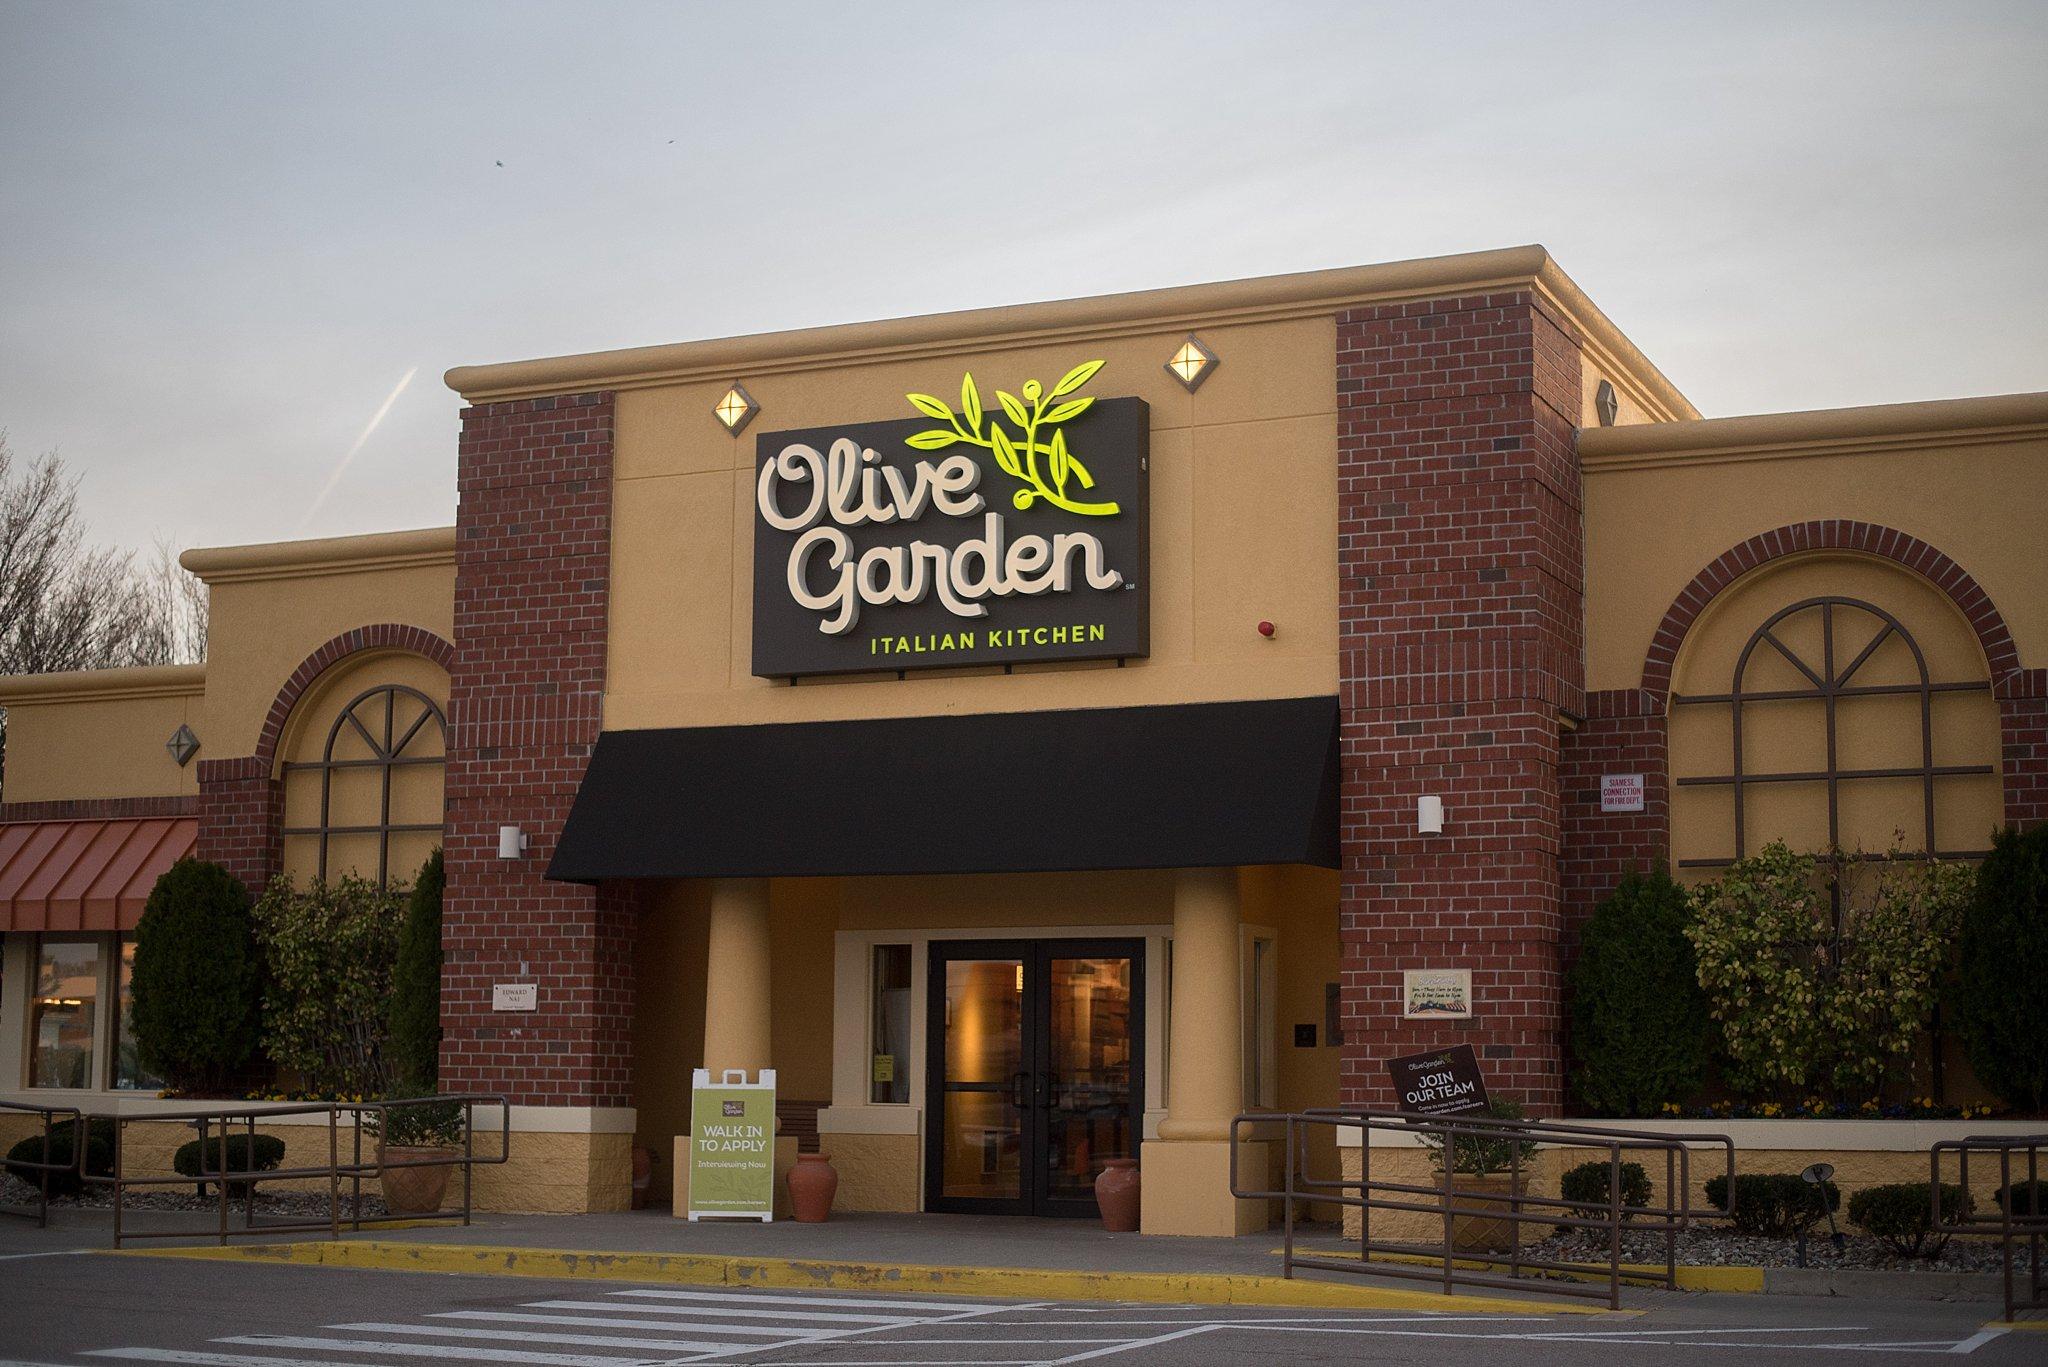 Olive Garden after running the Boston Marathon